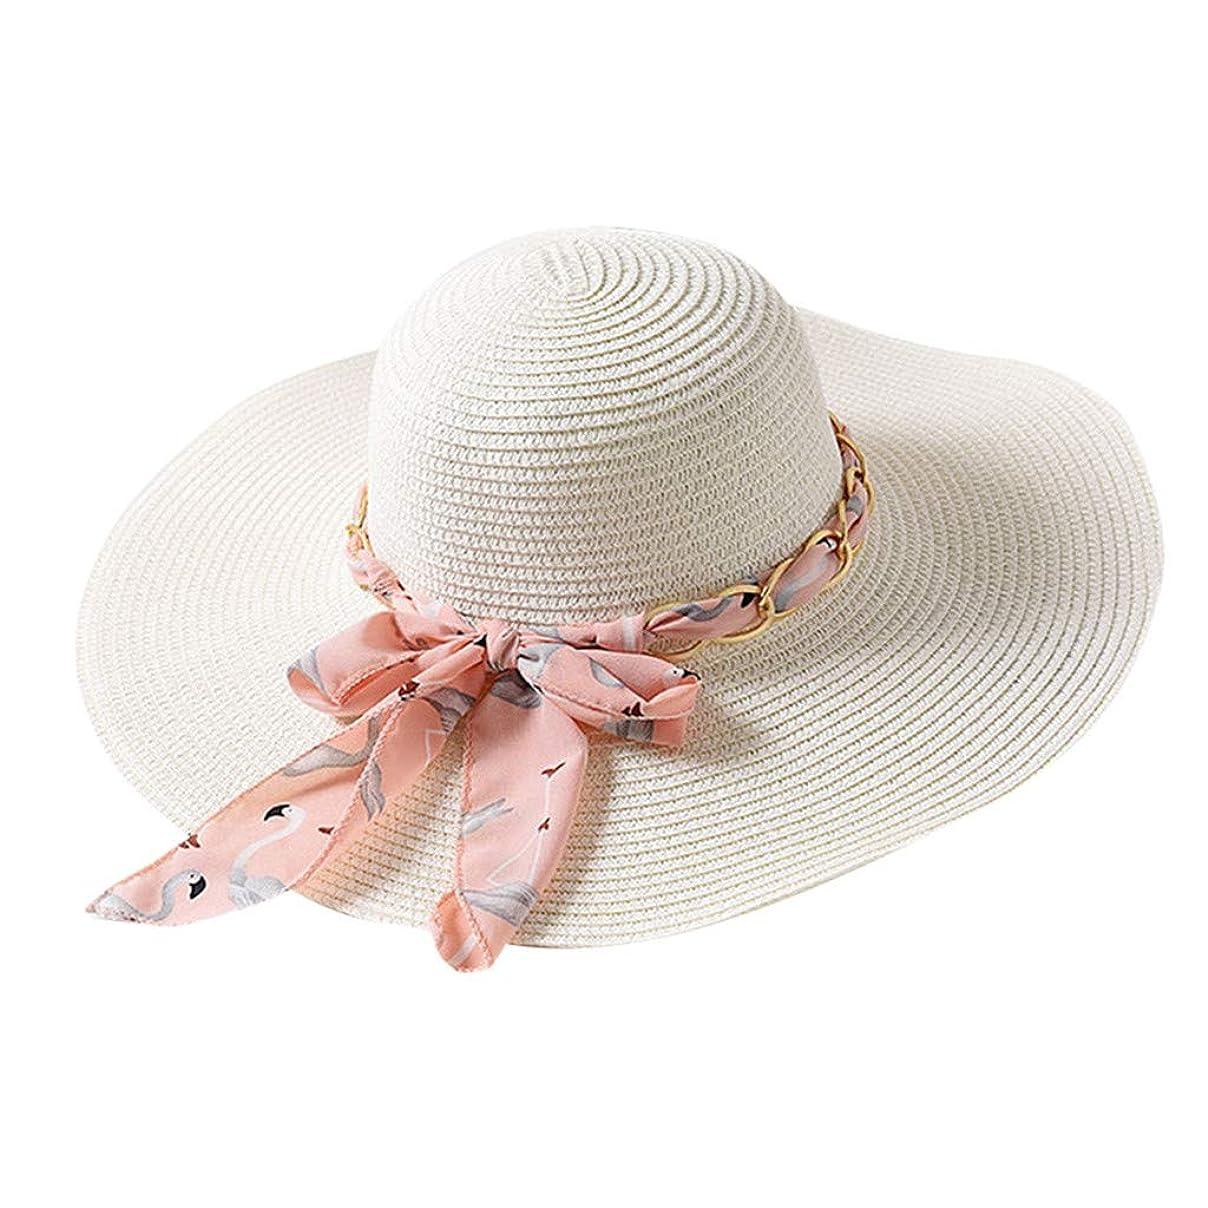 掻くメッシュ王位ファッション小物 夏 帽子 レディース UVカット 帽子 ハット レディース 紫外線対策 日焼け防止 取り外すあご紐 つば広 おしゃれ 可愛い 夏季 折りたたみ サイズ調節可 旅行 女優帽 小顔効果抜群 ROSE ROMAN